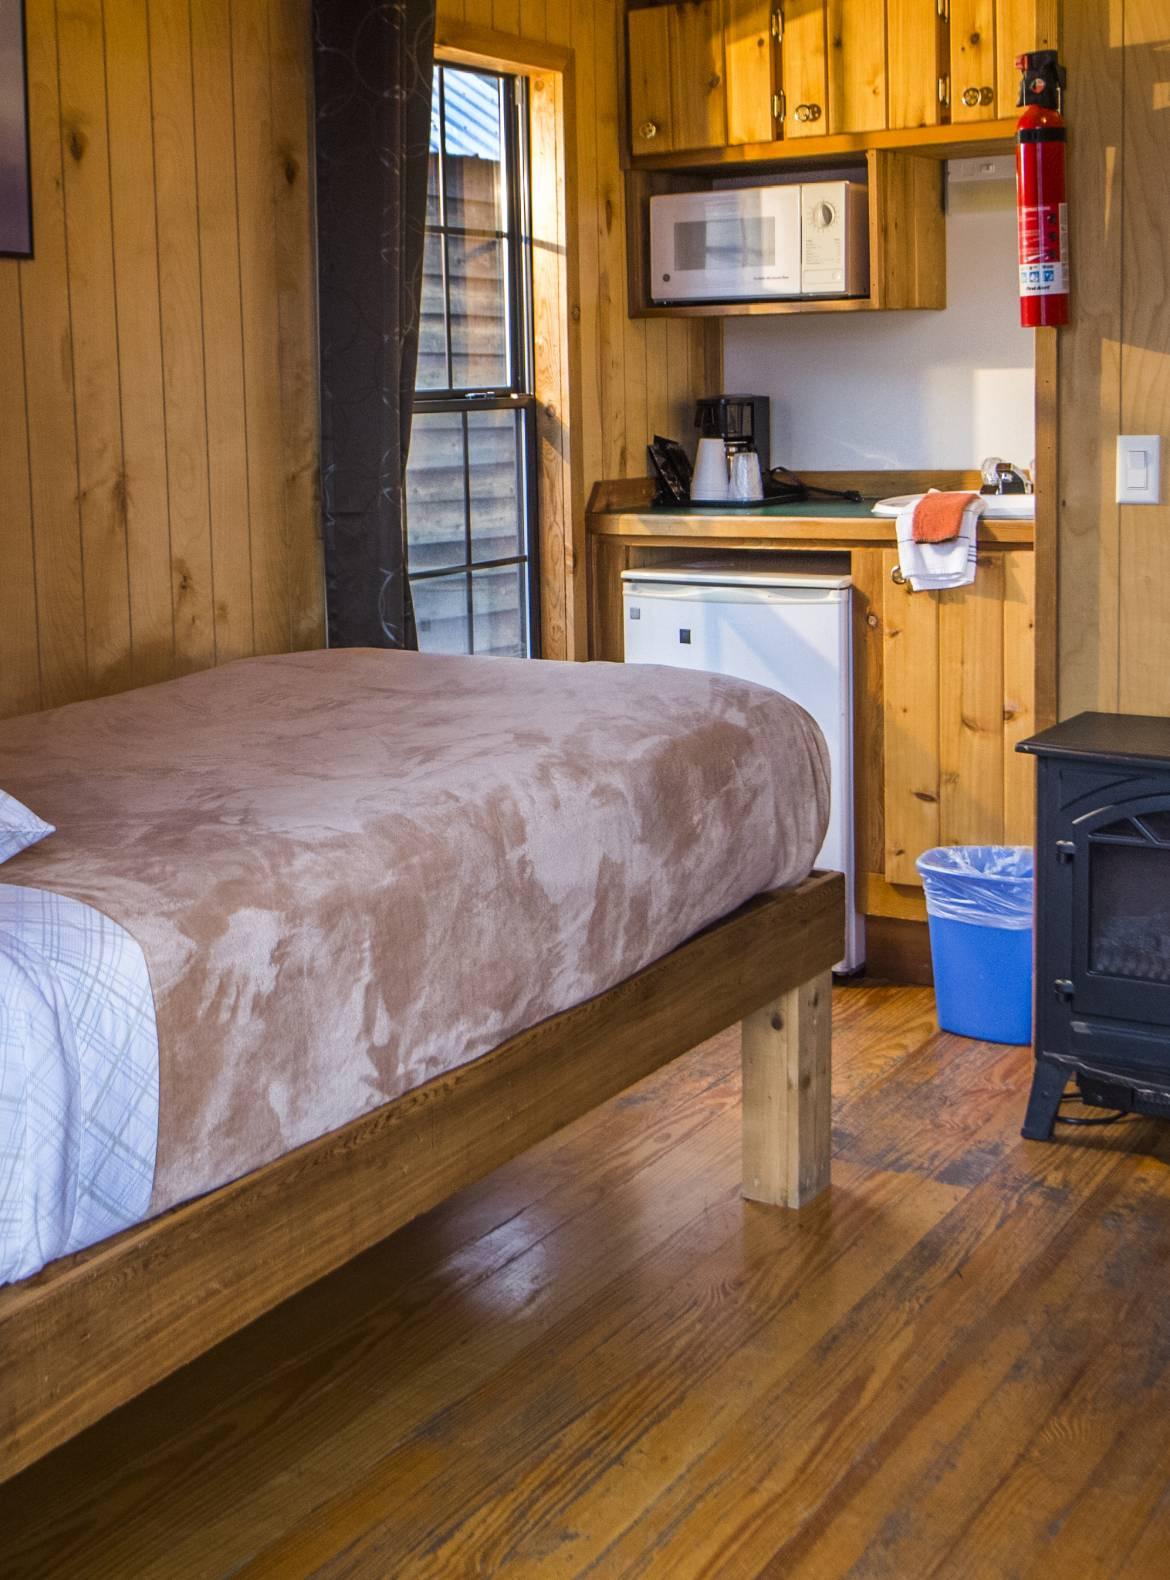 5_Bed_Kitchen.jpg